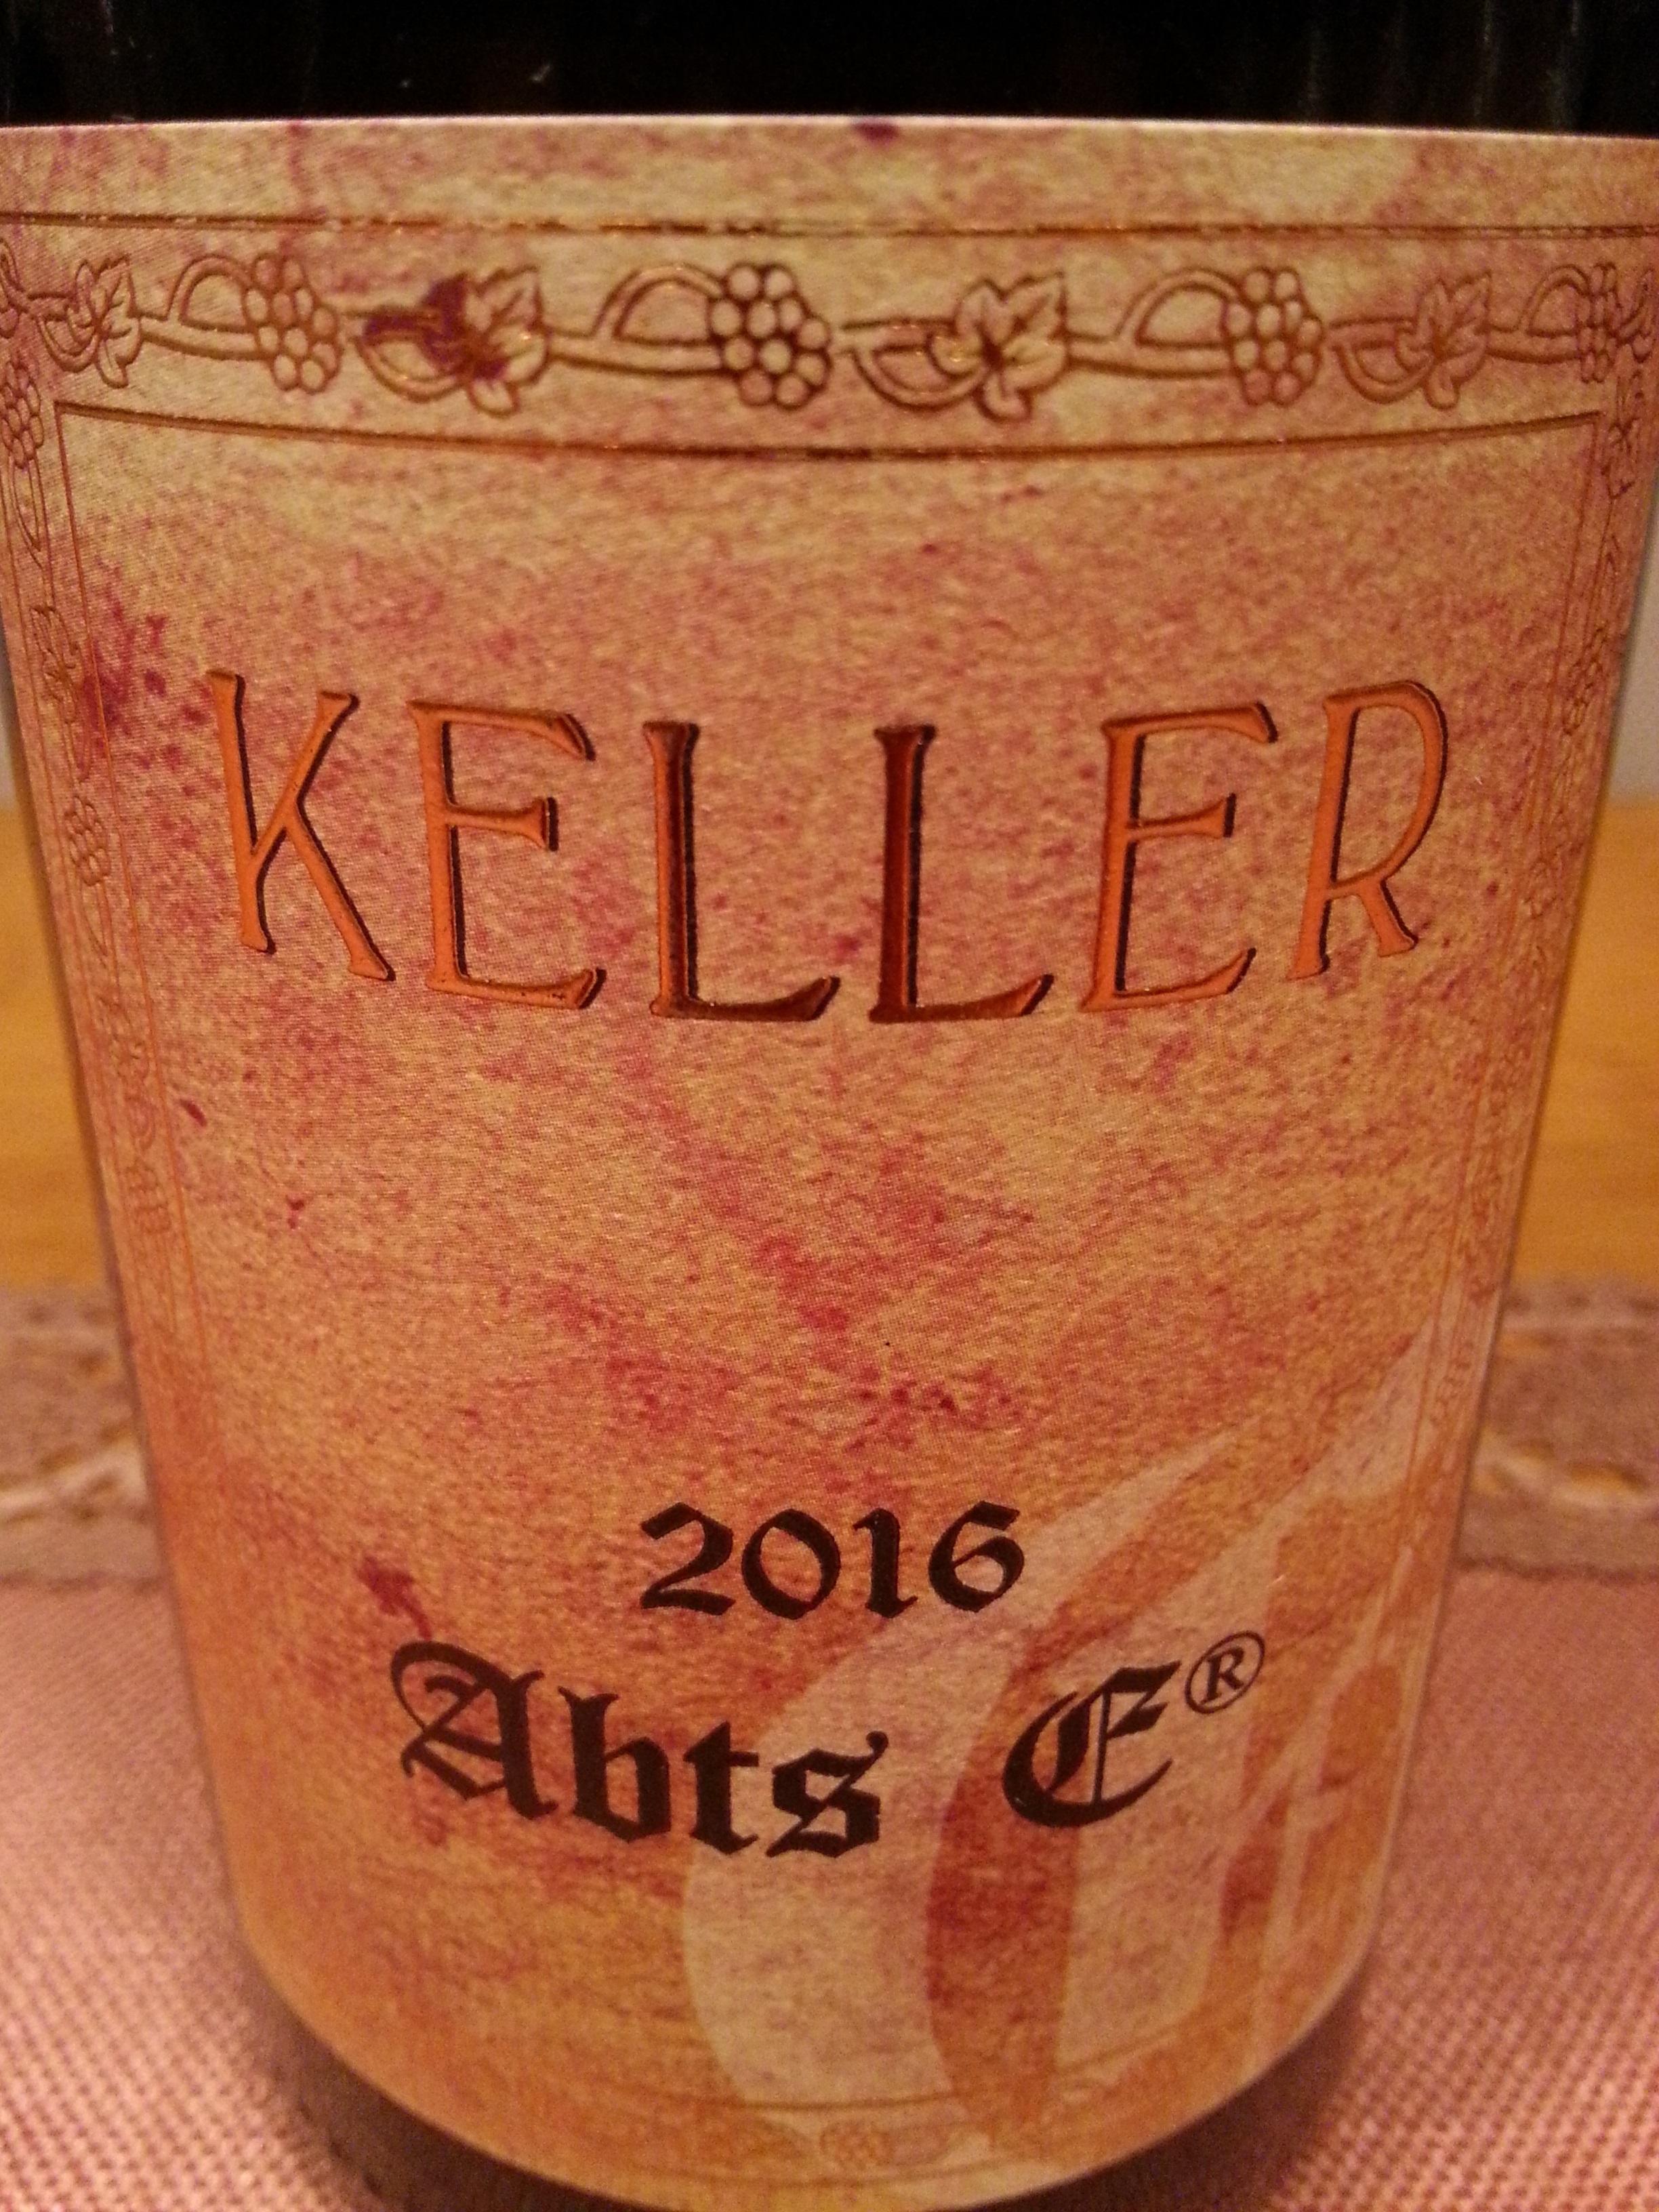 2016 Riesling Abtserde | Keller